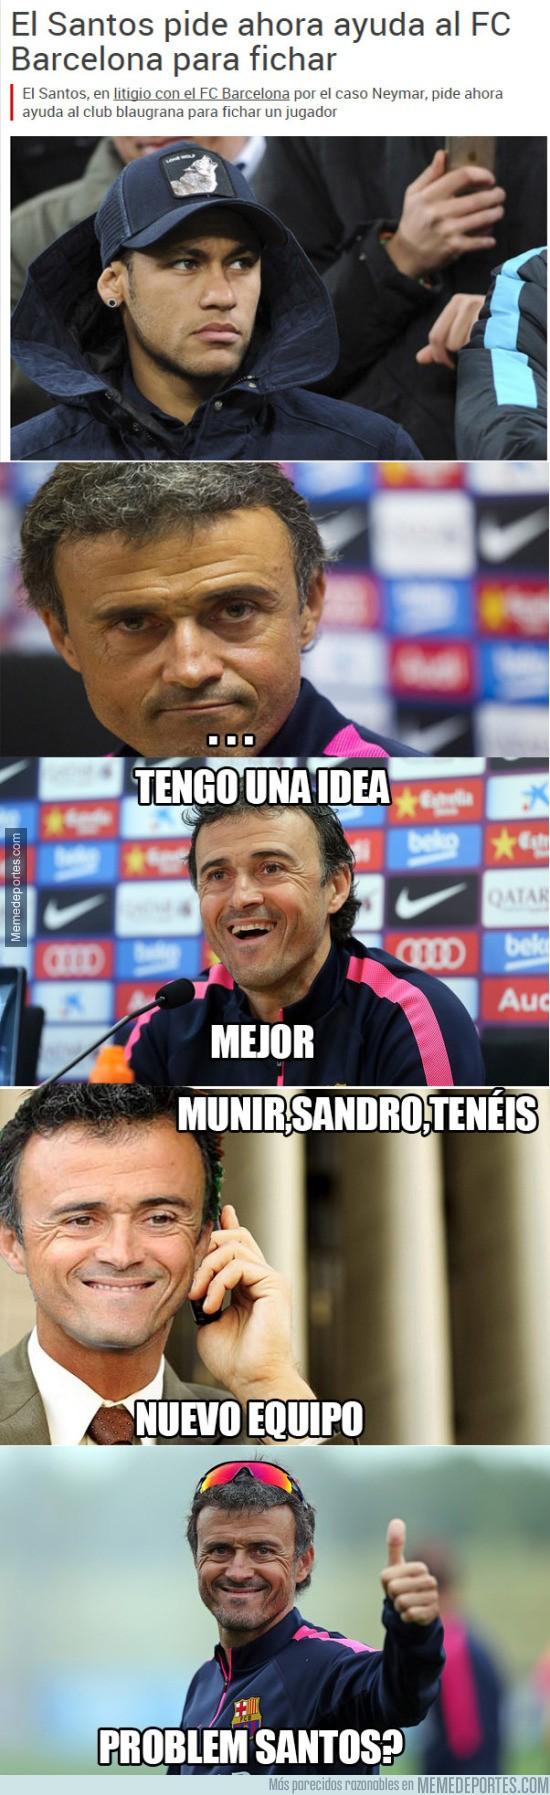 758243 - El Santos le pide ayuda al Barça